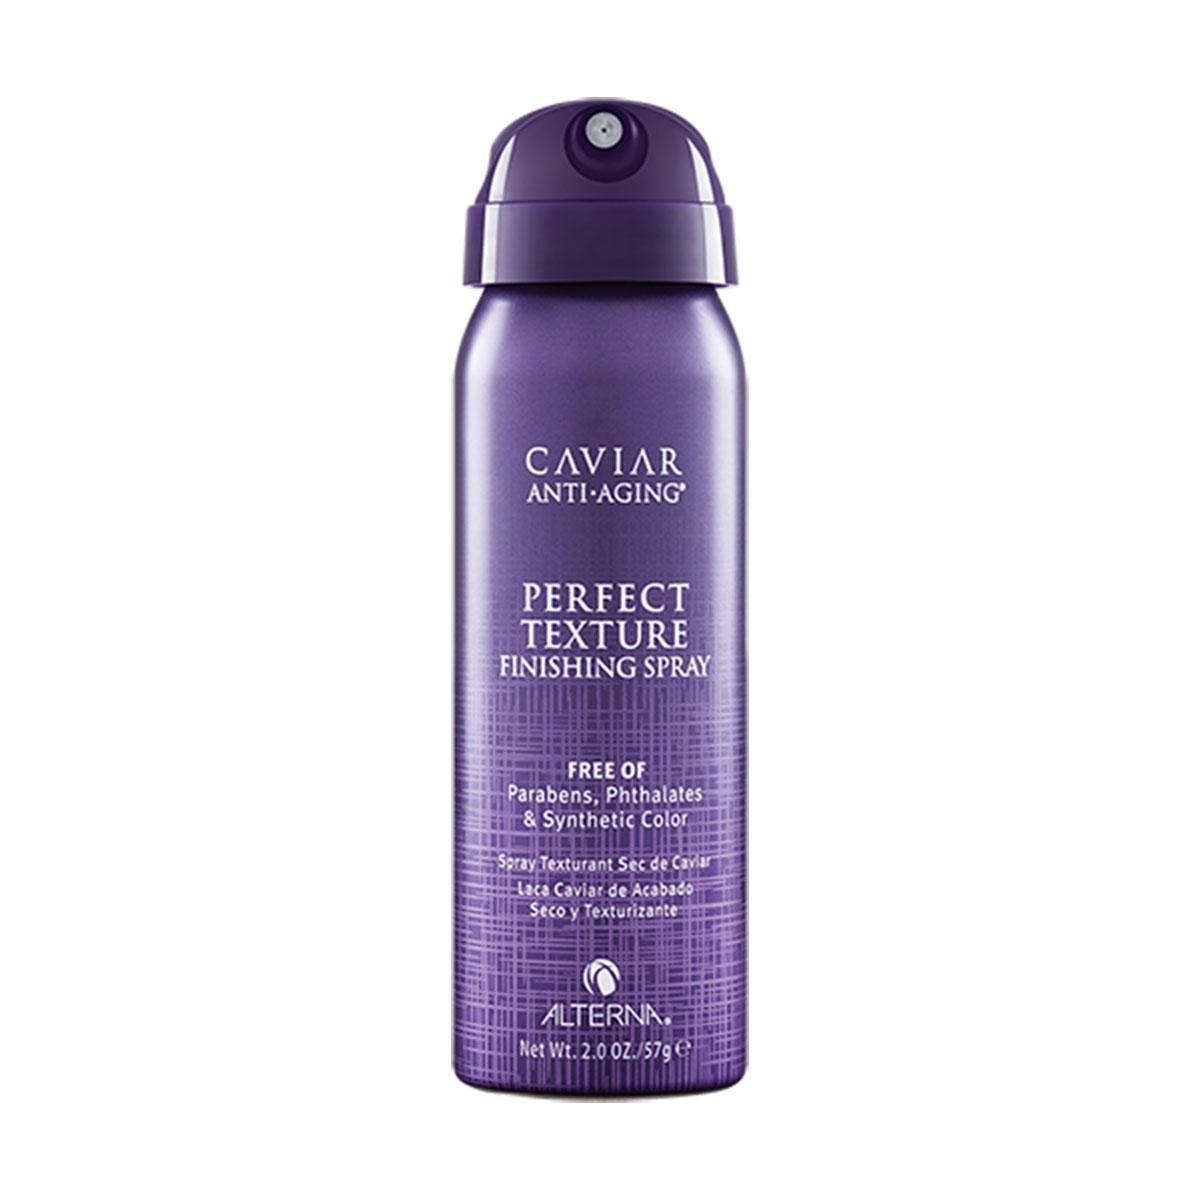 Alterna Caviar Anti-Aging Perfect Texture Finishing Spray - Спрей Идеальная текстура волос 50 мл67183.IСпрей «Идеальная текстура волос» - это сочетание сухого шампуня и лака для волос. Этот спрей создает объем, форму и текстуру, не оставляя белых следов, как сухой шампунь и не утяжеляя, как лак для волос. Его можно использовать на всех типах волос дома или после сушки феном, чтобы добавить объем и текстуру волосам. Преимущества: Дает ощущение легких, чистых, не склеенных волос. Не оставляет белых следов и не утяжеляет. Можно наносить как немного продукта, так и больше без утяжеления и ощущения «липких» волос . Не спутывает волосы. Результат: умопомрачительная текстура, создает объем и плотность. Волосы приобретают трёхмерную текстуру, форму и остаются естественно подвижными. Спрей «Идеальная текстура волос» - это сочетание сухого шампуня и лака для волос. Этот спрей создает объем, форму и текстуру, не оставляя белых следов, как сухой шампунь и не утяжеляя, как лак для волос. Его можно использовать на всех типах волос дома или после сушки феном, чтобы добавить объем и текстуру волосам.